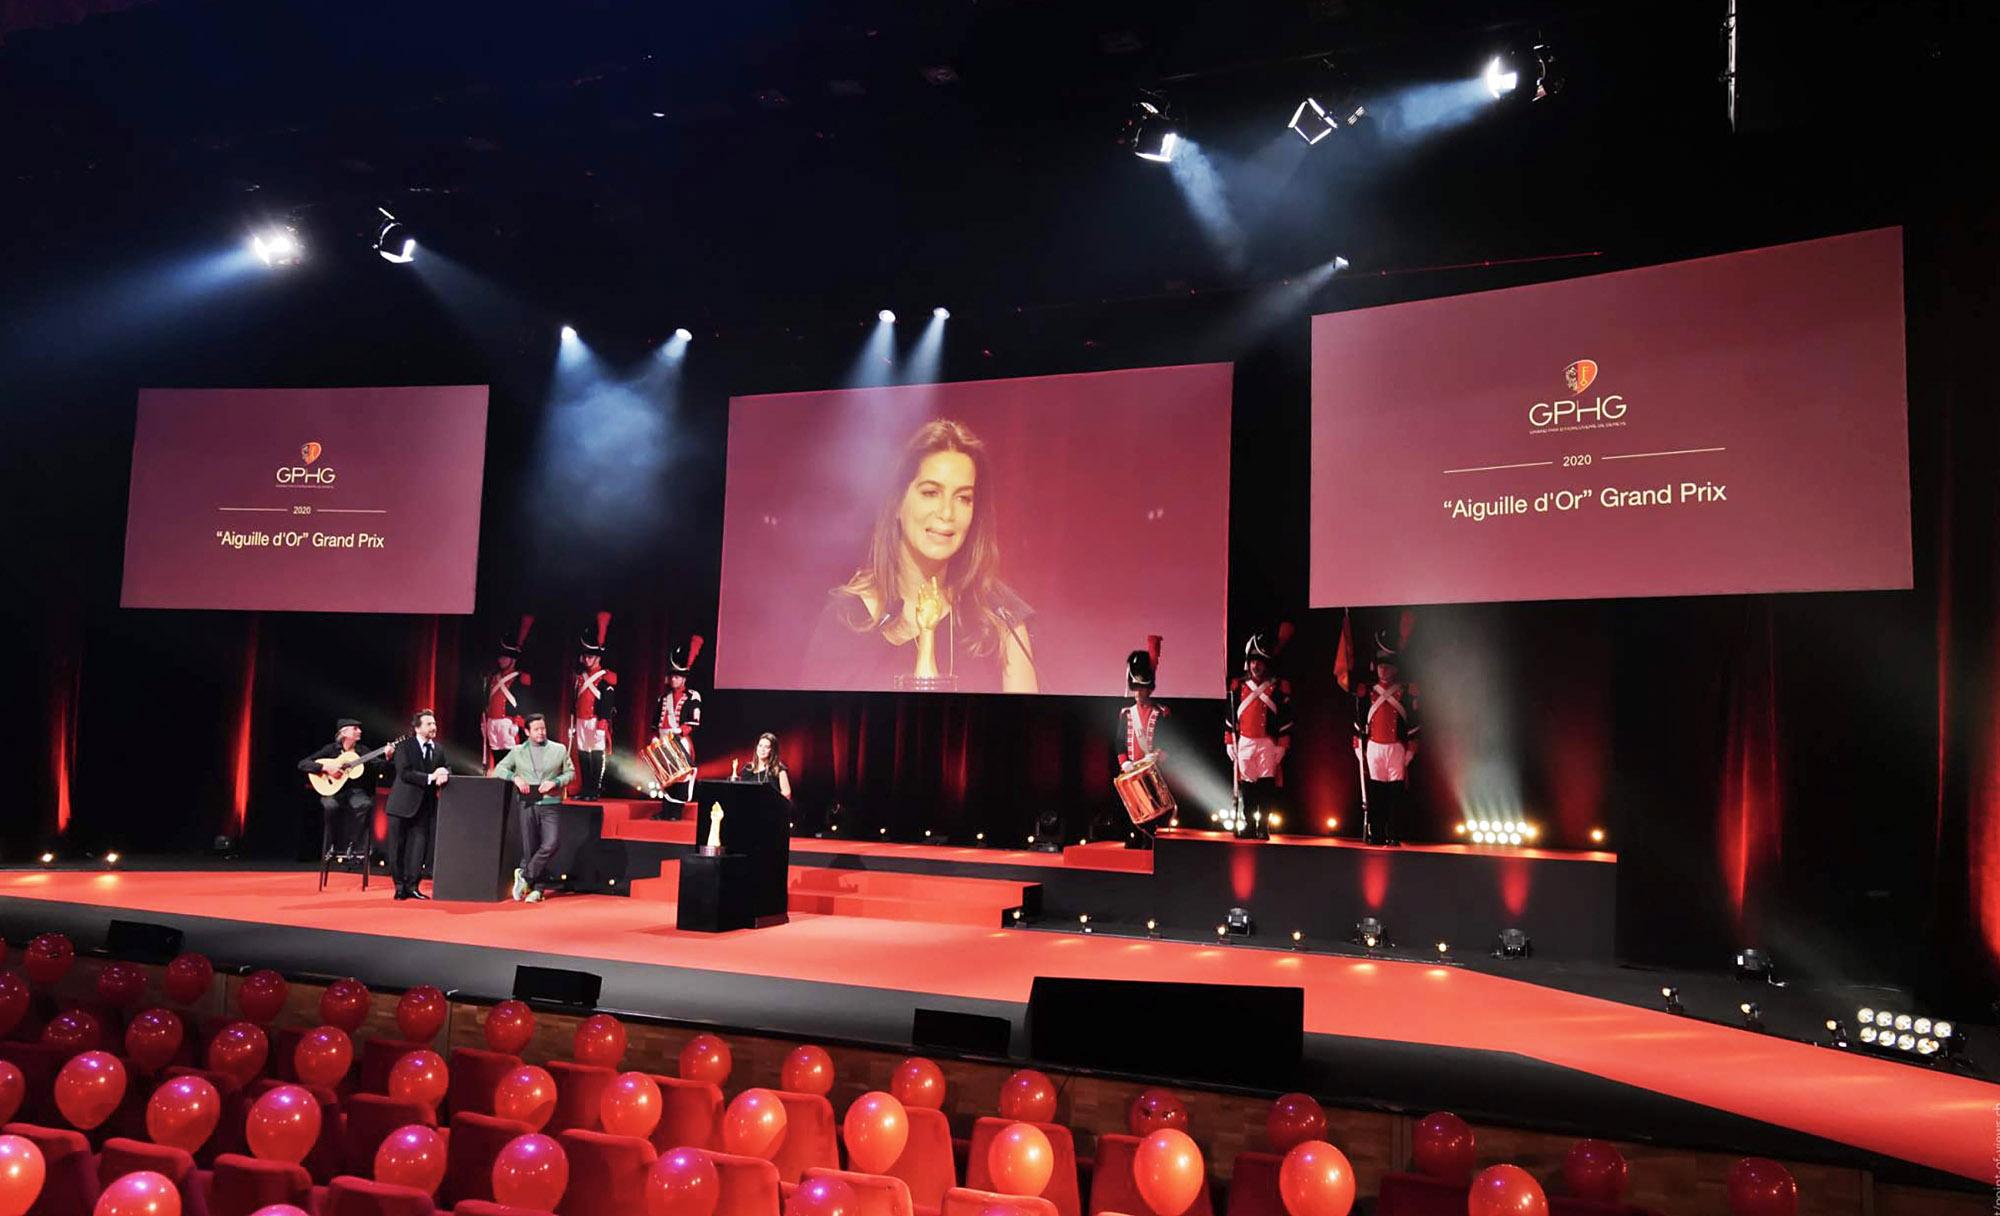 Grand Prix d'Horlogerie de Genève GPHG Academy Award Ceremony 2020 Chabi Nouri Piaget Aiguille d'Or Prize